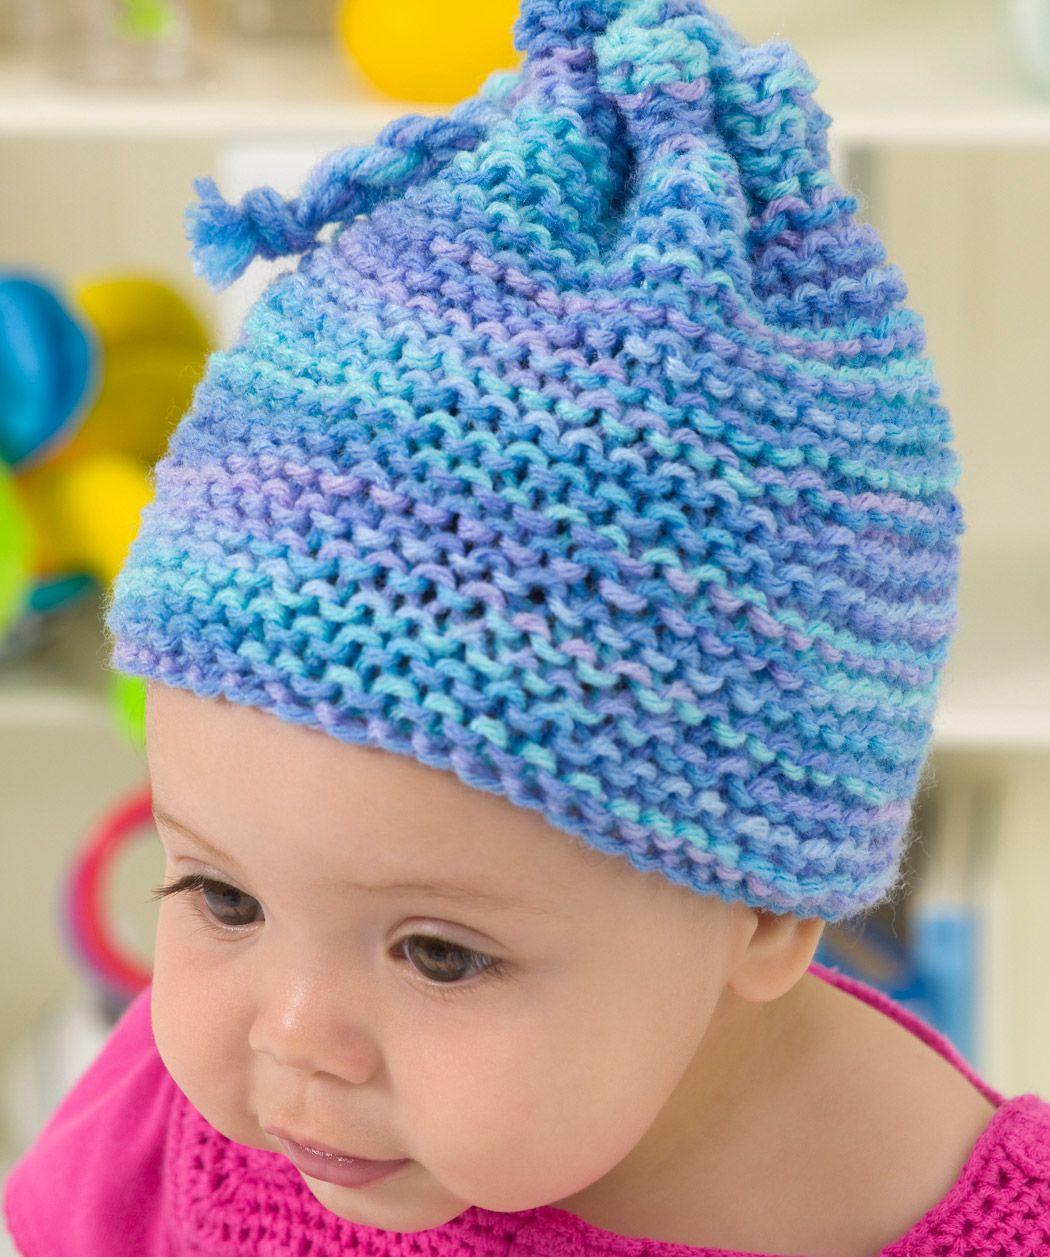 Knit Garter Stitch Baby Hat Knitting Pattern  666faacf9ab